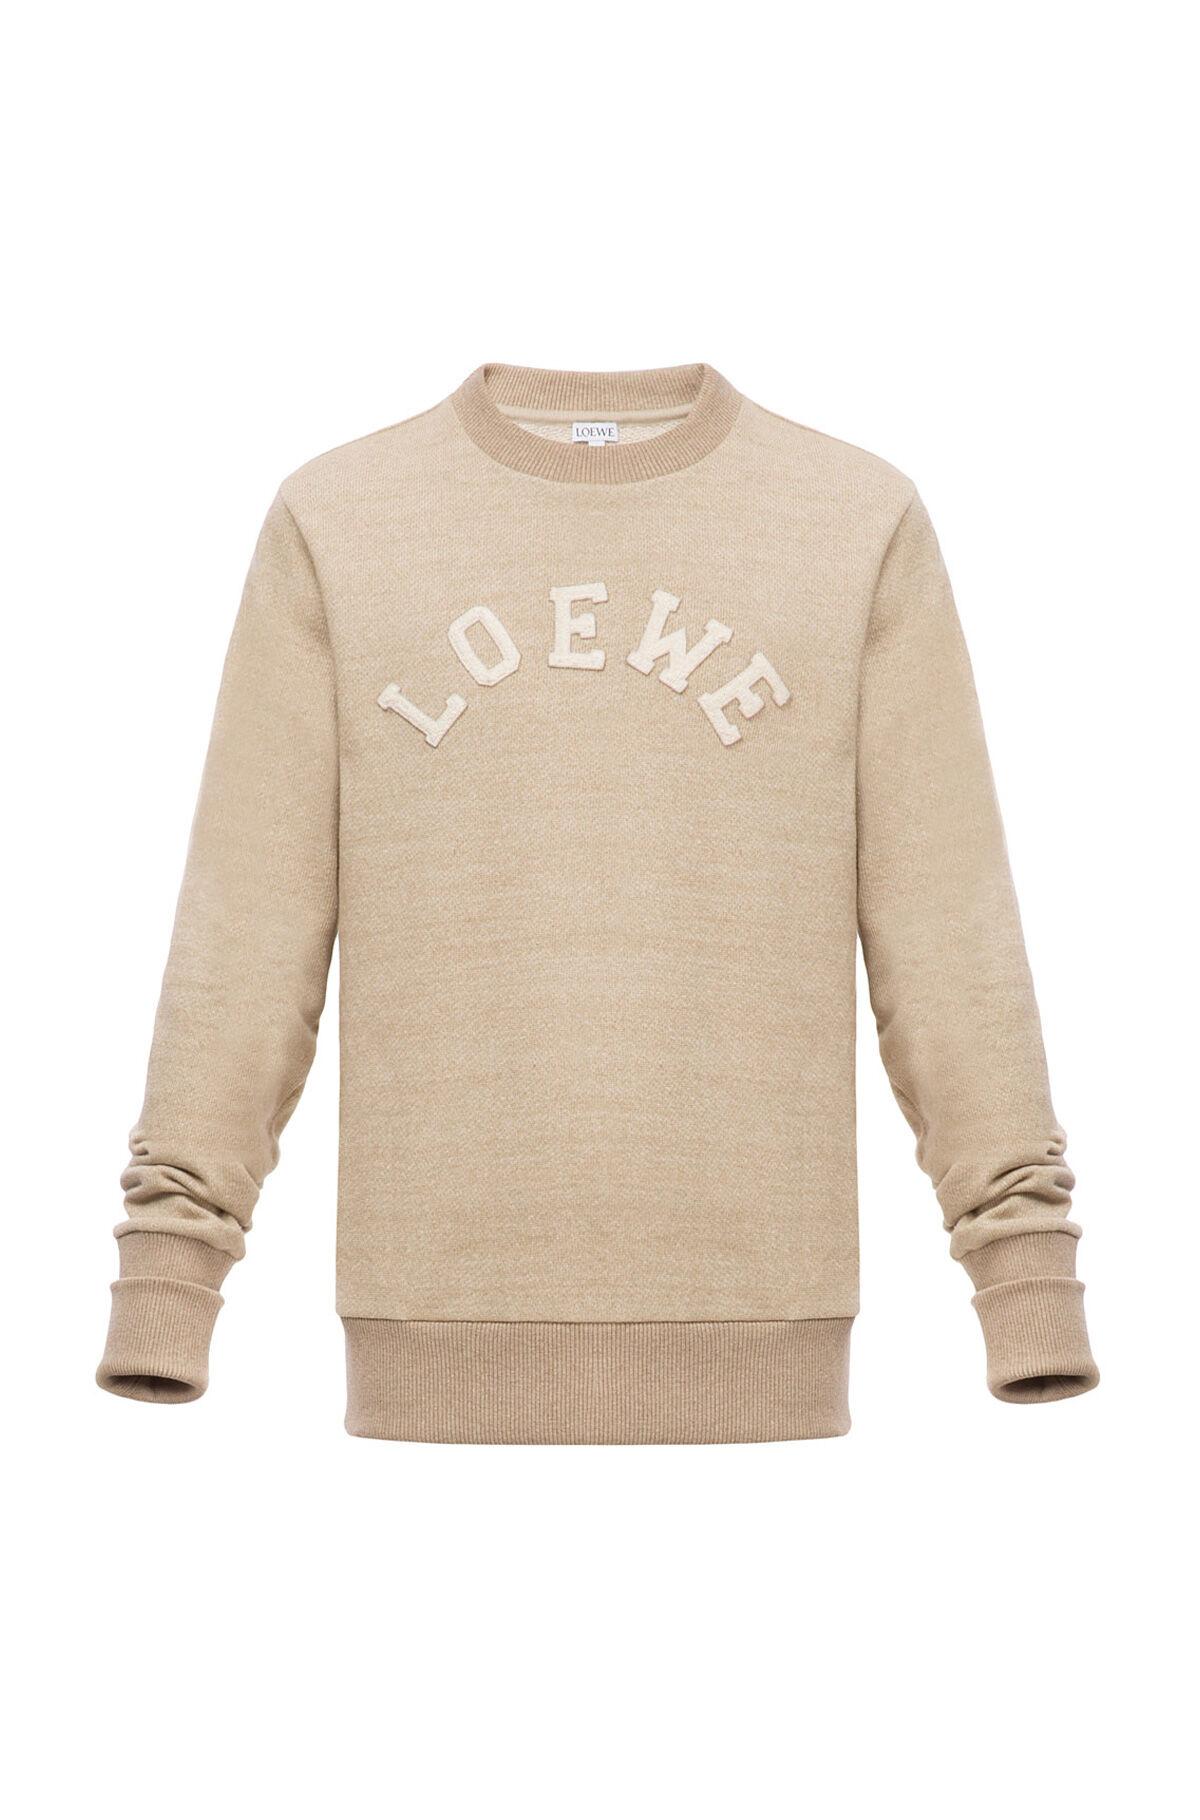 Loewe Sweatshirt